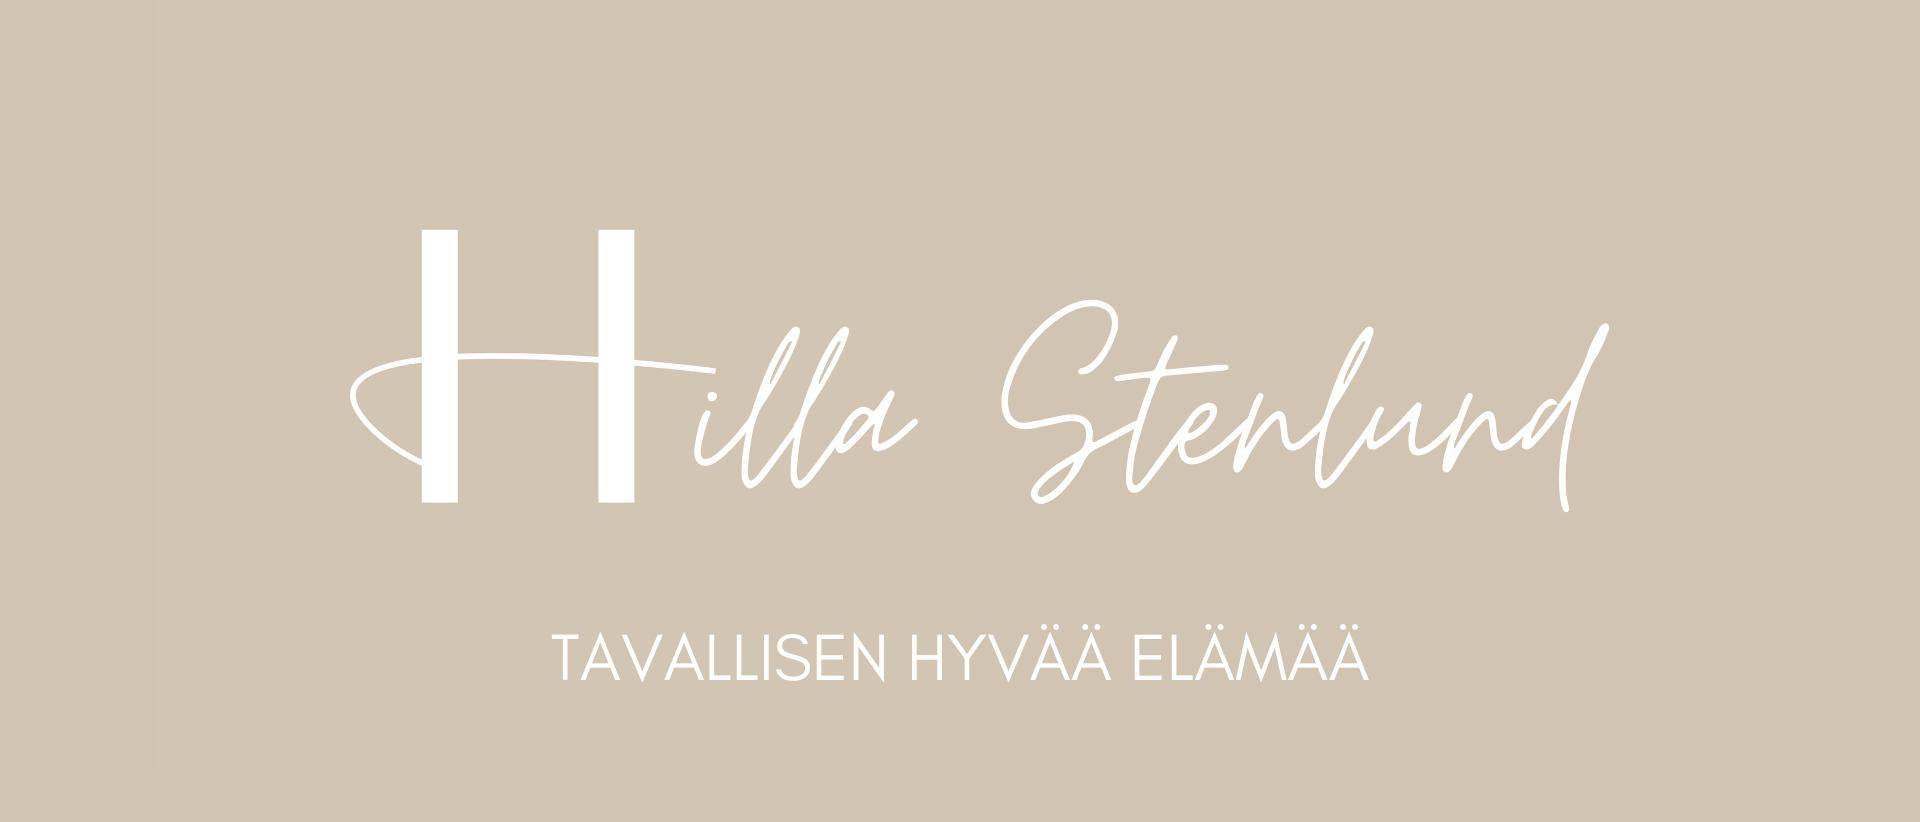 Hilla Stenlund